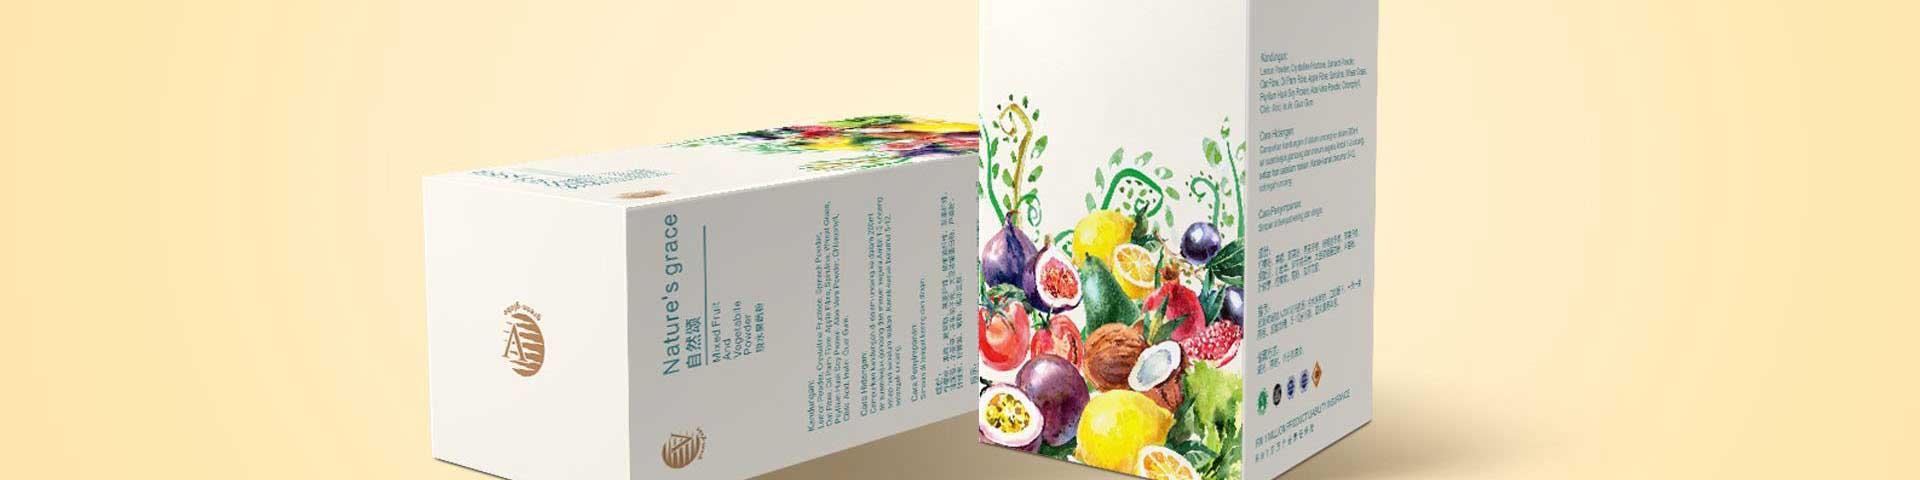 北京印刷包装服务公司帮助企业供应加工画册、礼品盒、食品包装、彩色印刷、印刷厂报价等业务,以包装产品